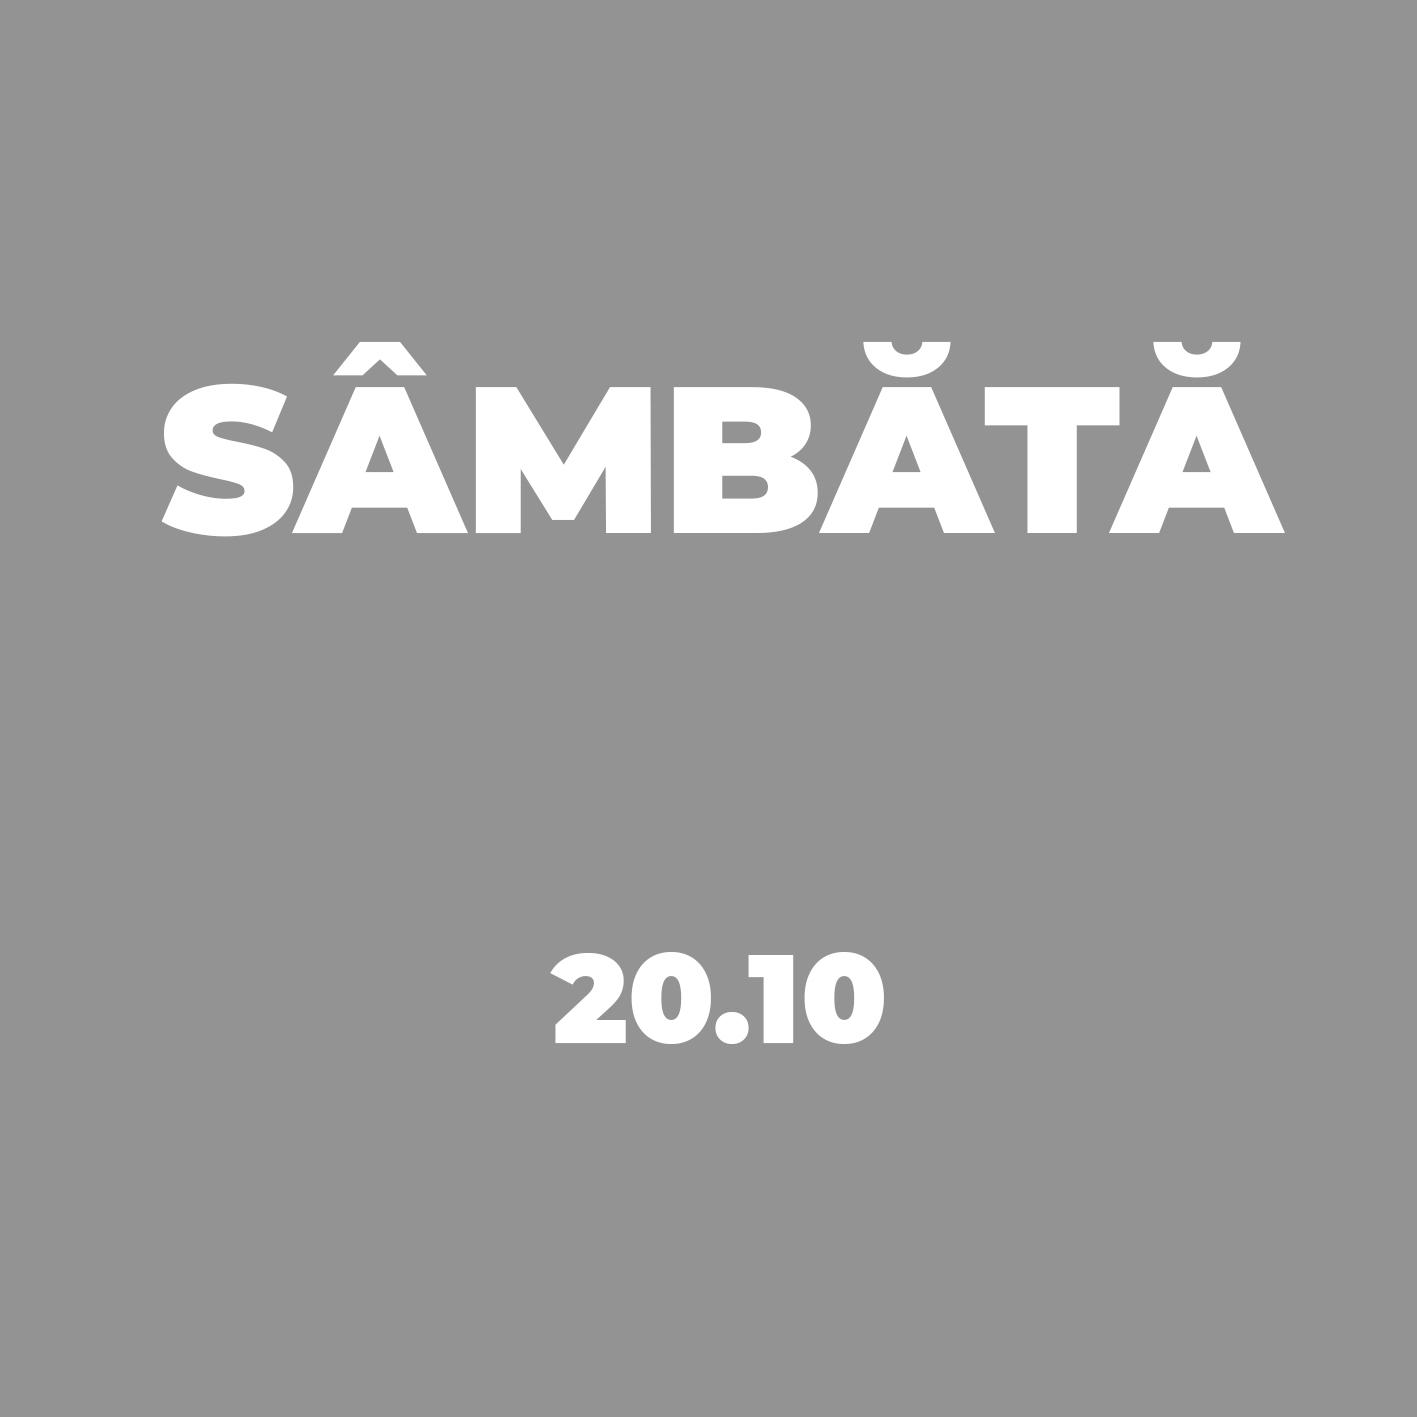 SAMBATA 20.jpg